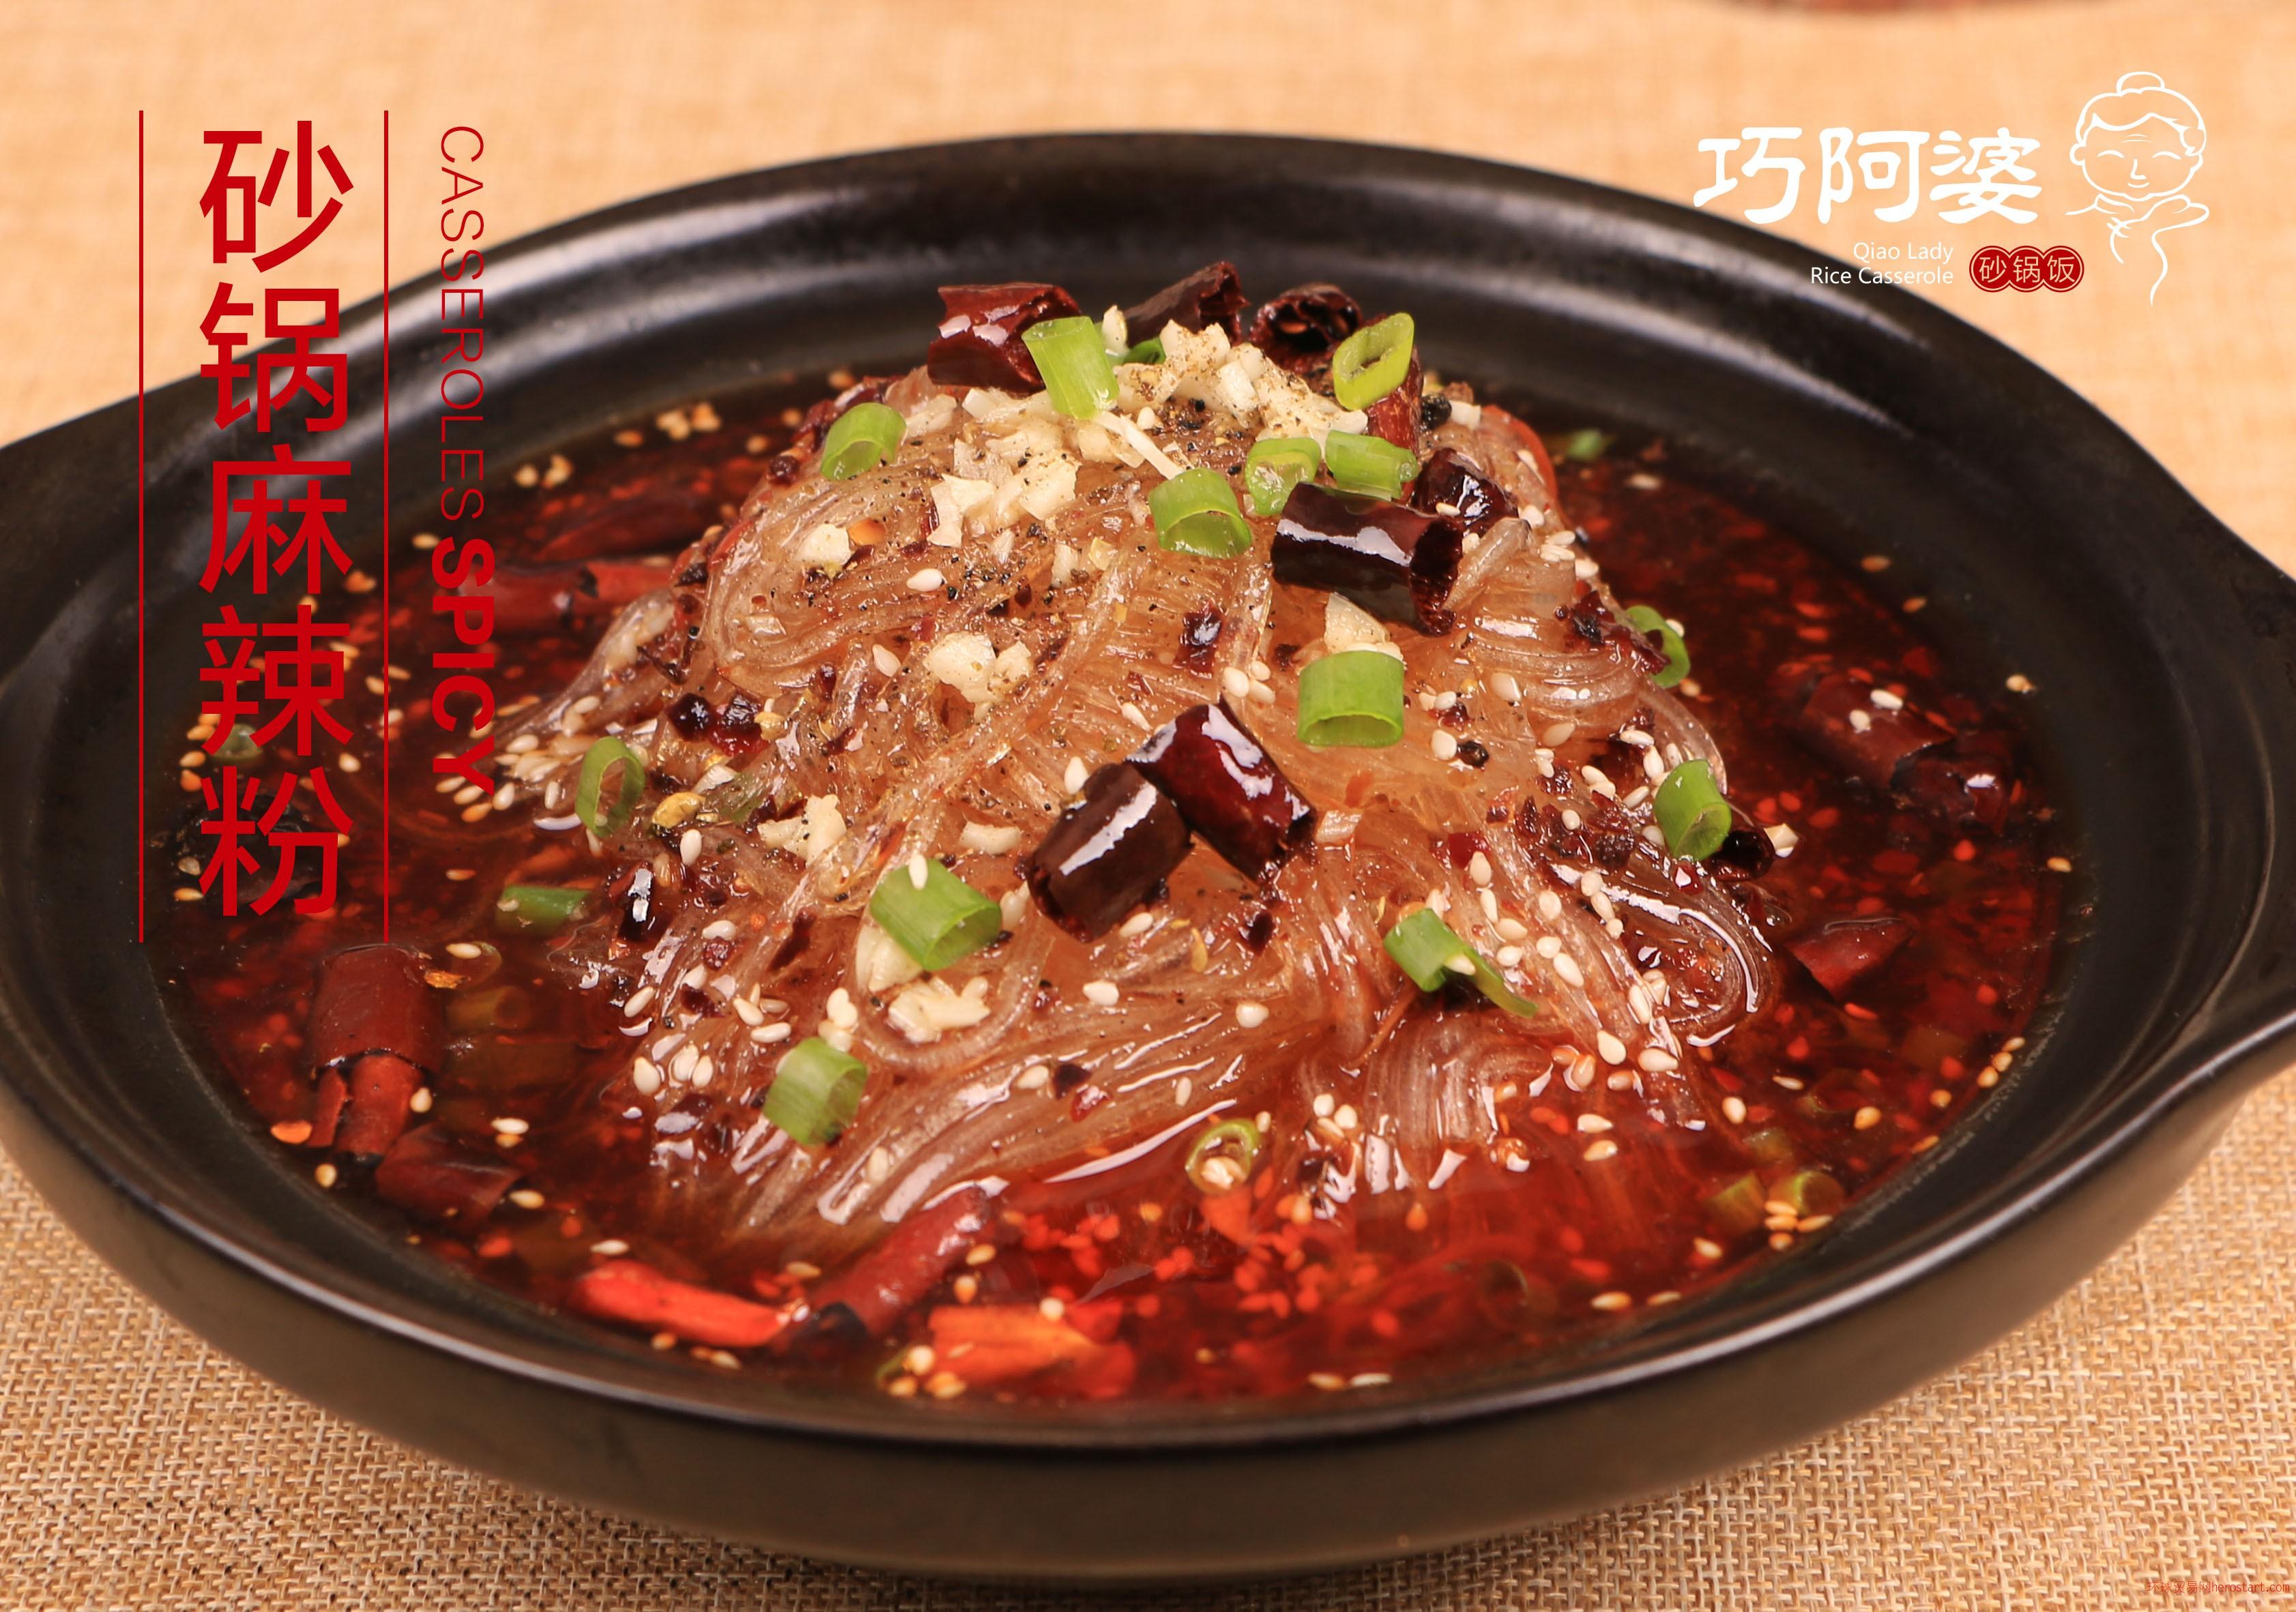 巧阿婆特色石锅饭 养生快餐